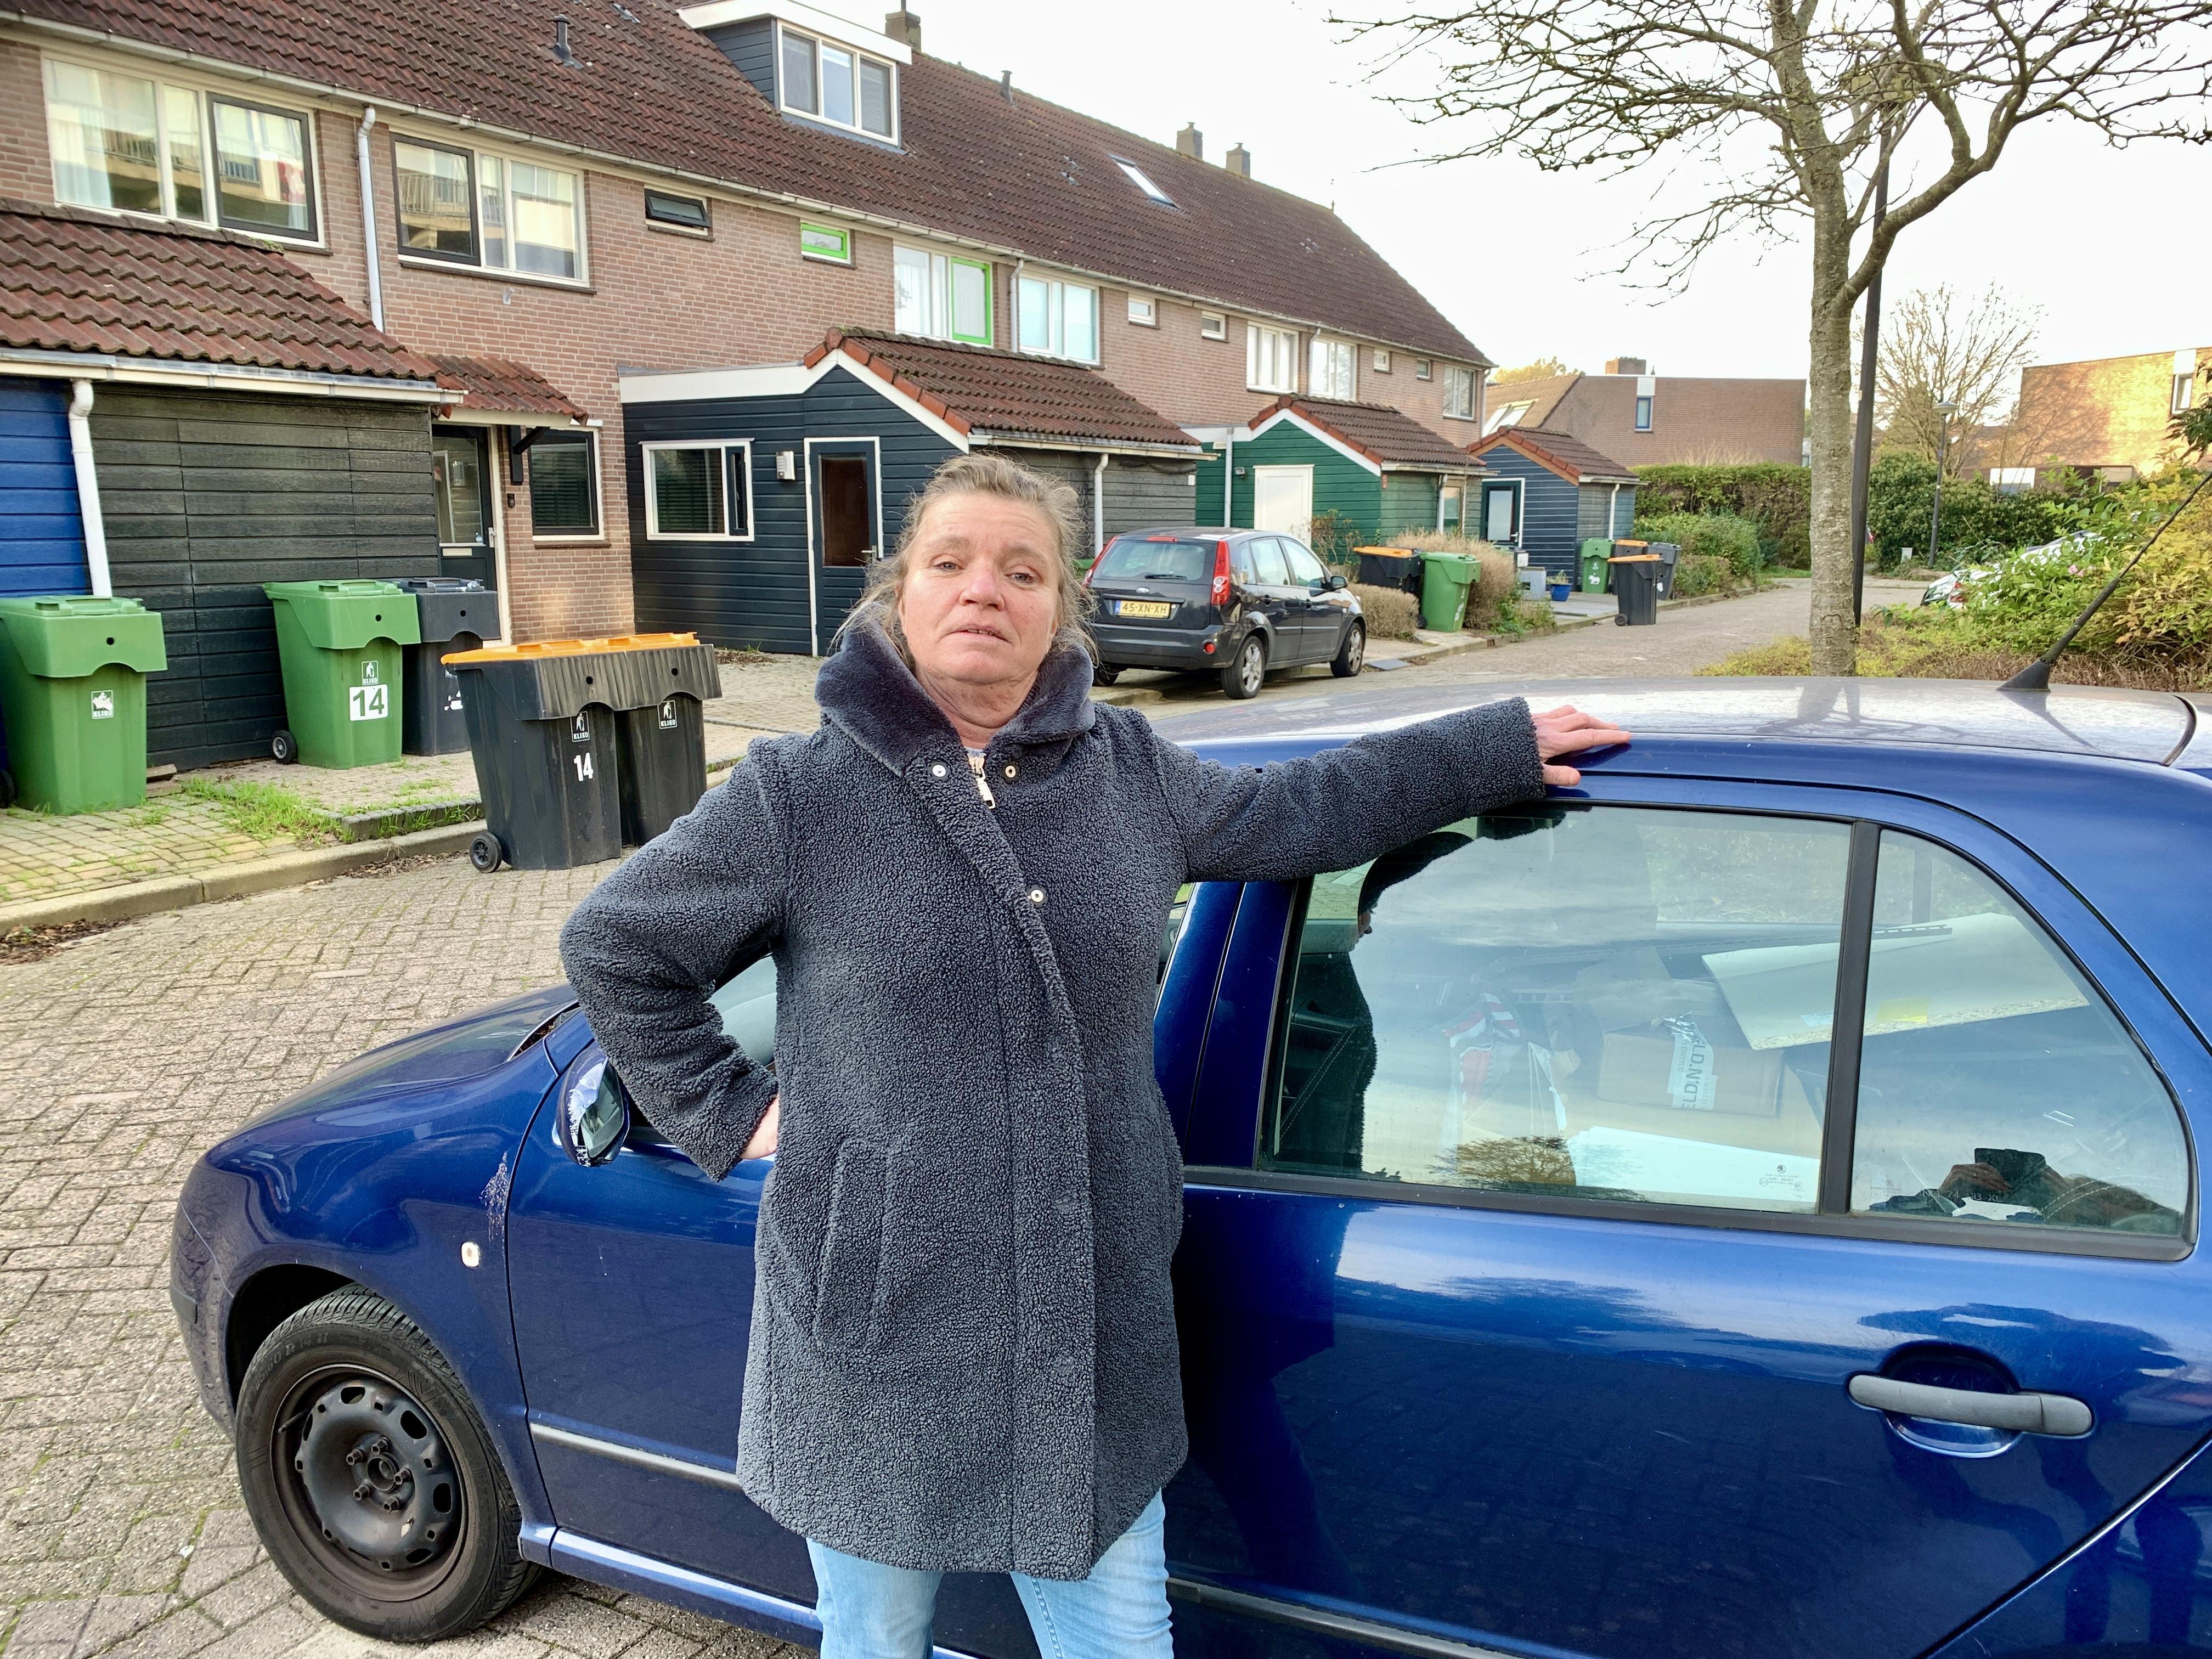 Onderweg: Lisette Steemers (54) vond twaalfenhalf jaar geleden haar roeping: begeleiding van licht verstandelijk beperkte cliënten van De Waerden. Een veel beter betaalde baan gaf ze er voor op, maar spijt kreeg ze nooit